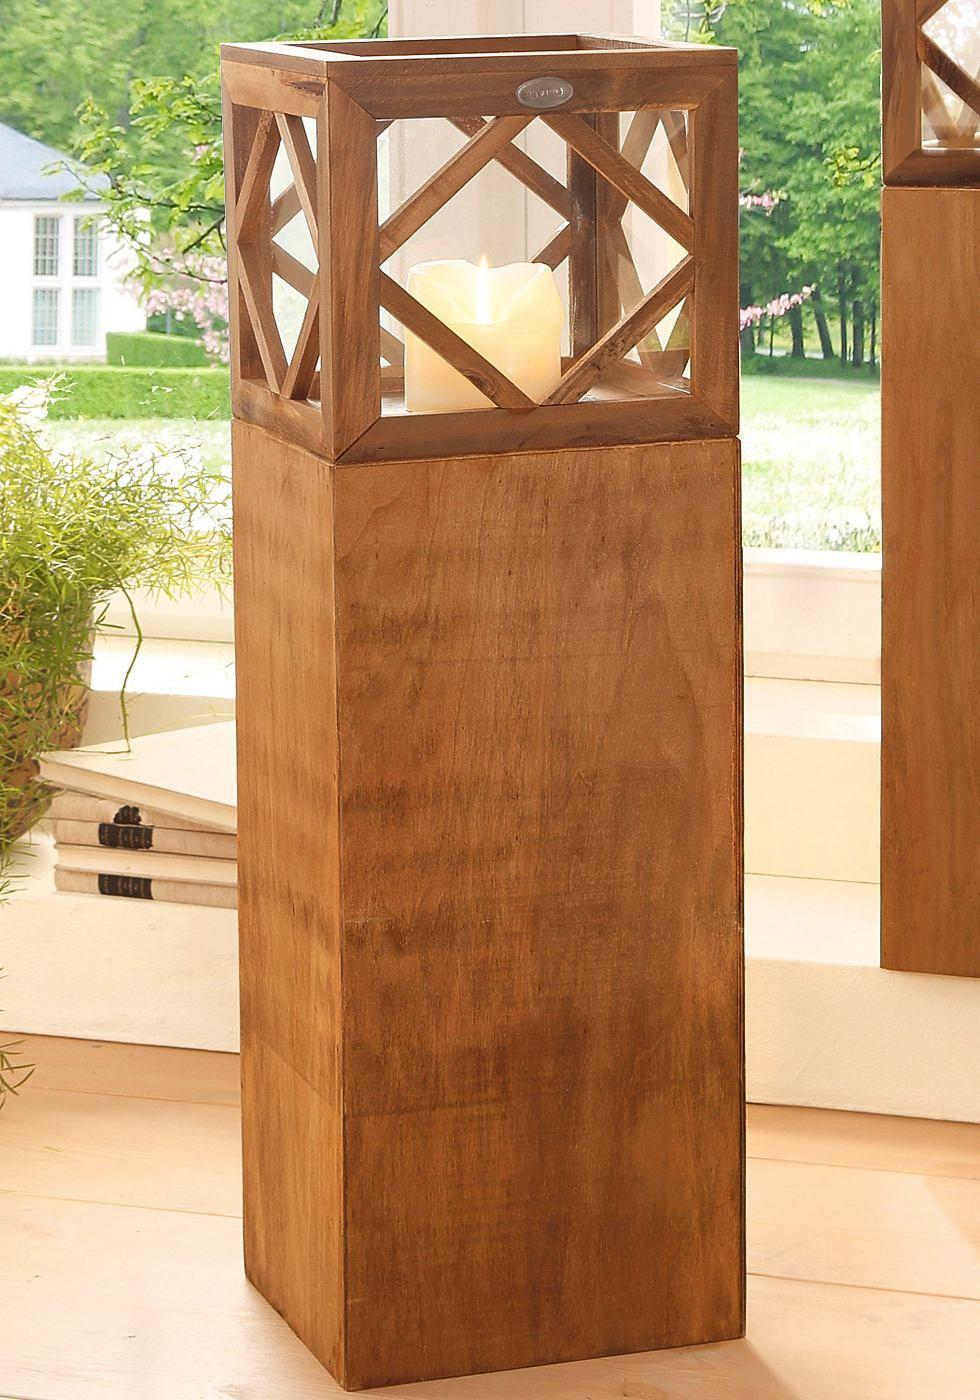 artikeldetails rustikale laterne in eckiger form ma e. Black Bedroom Furniture Sets. Home Design Ideas